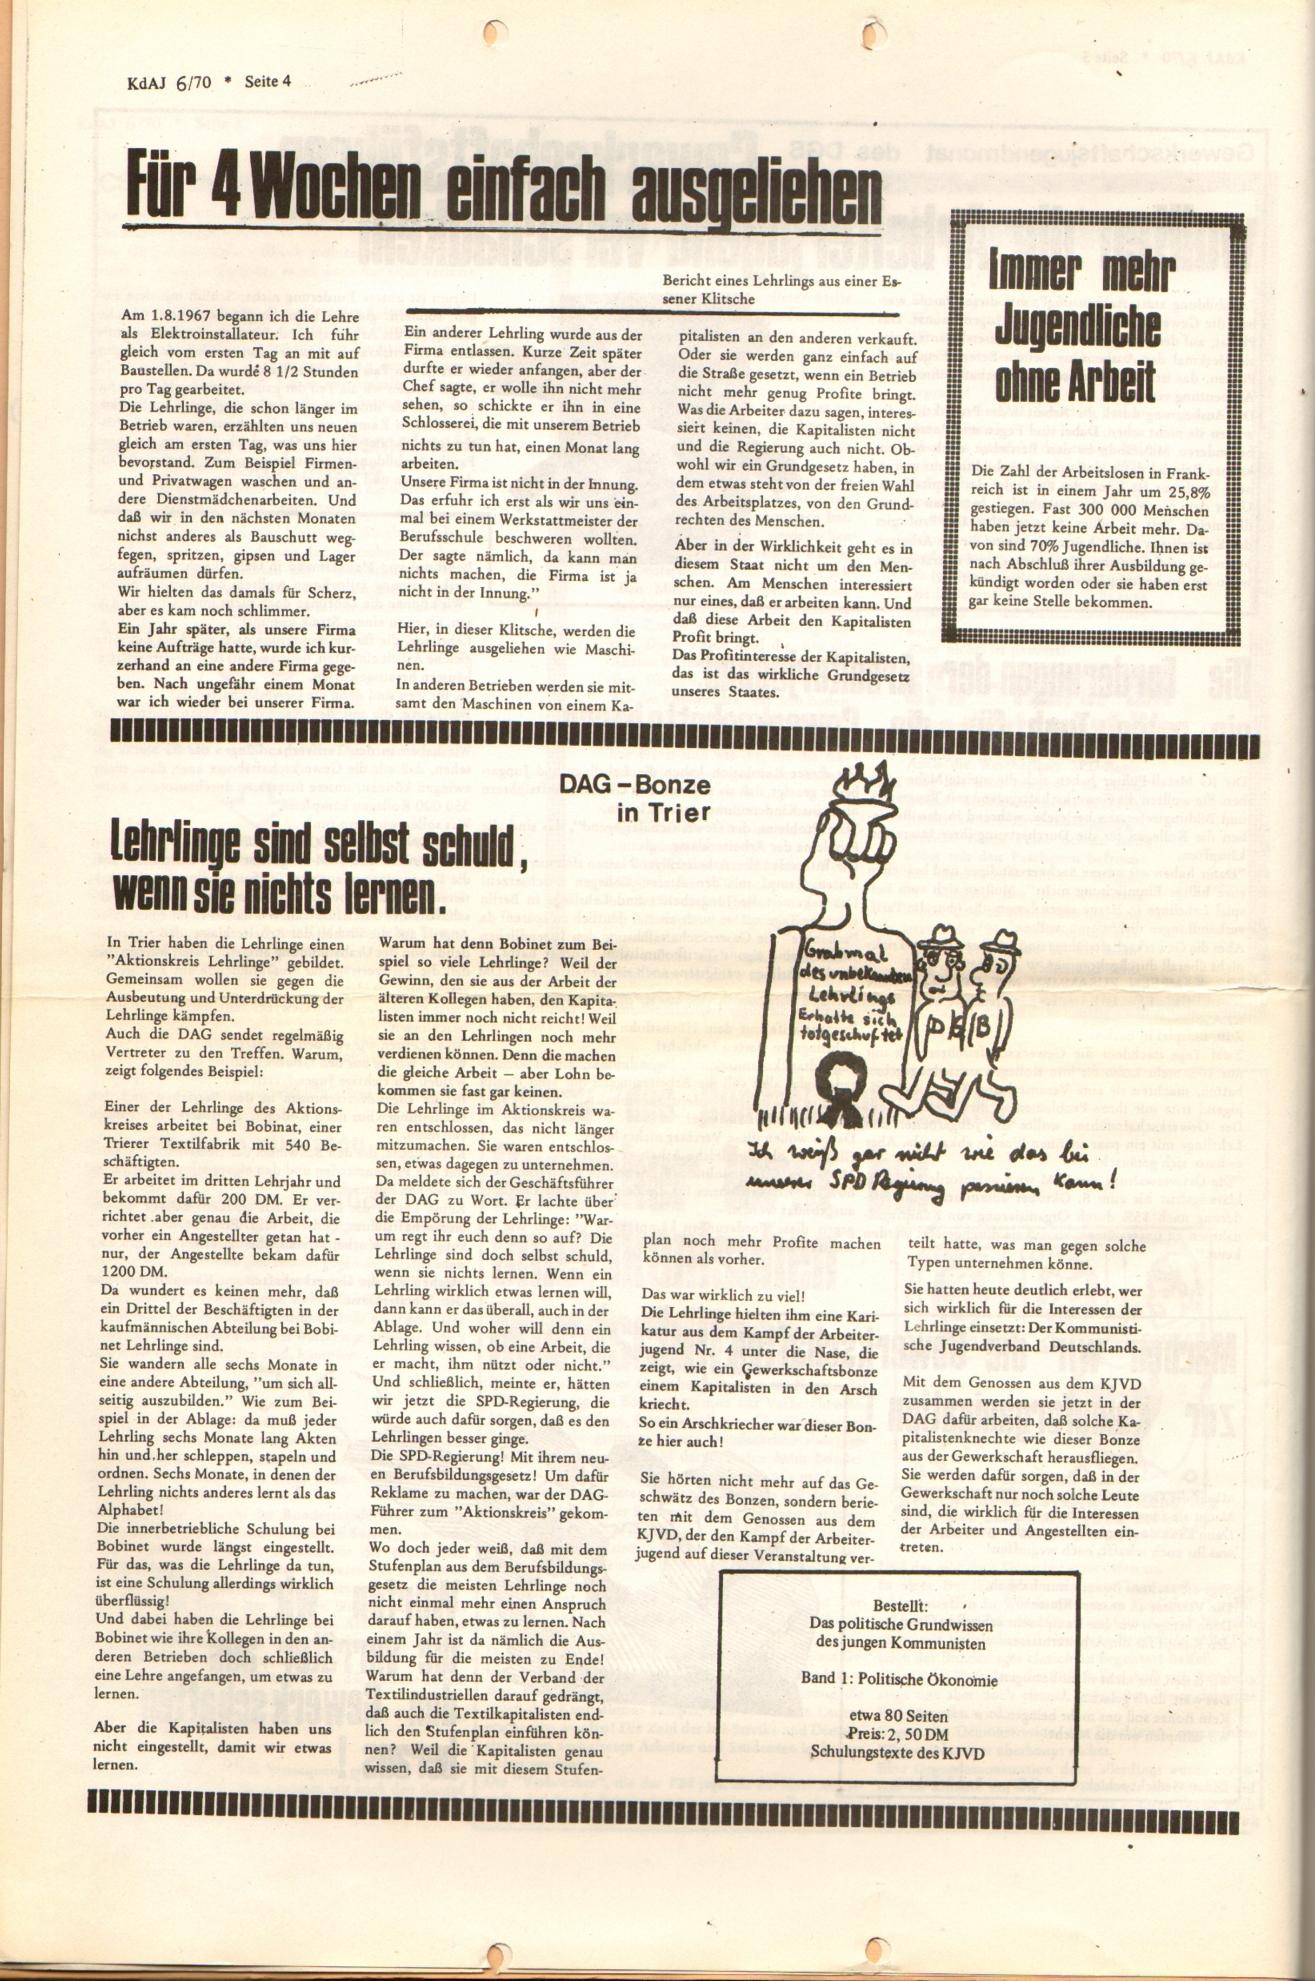 KDAJ, 1. Jg., Dezember 1970, Nr. 6, Seite 4